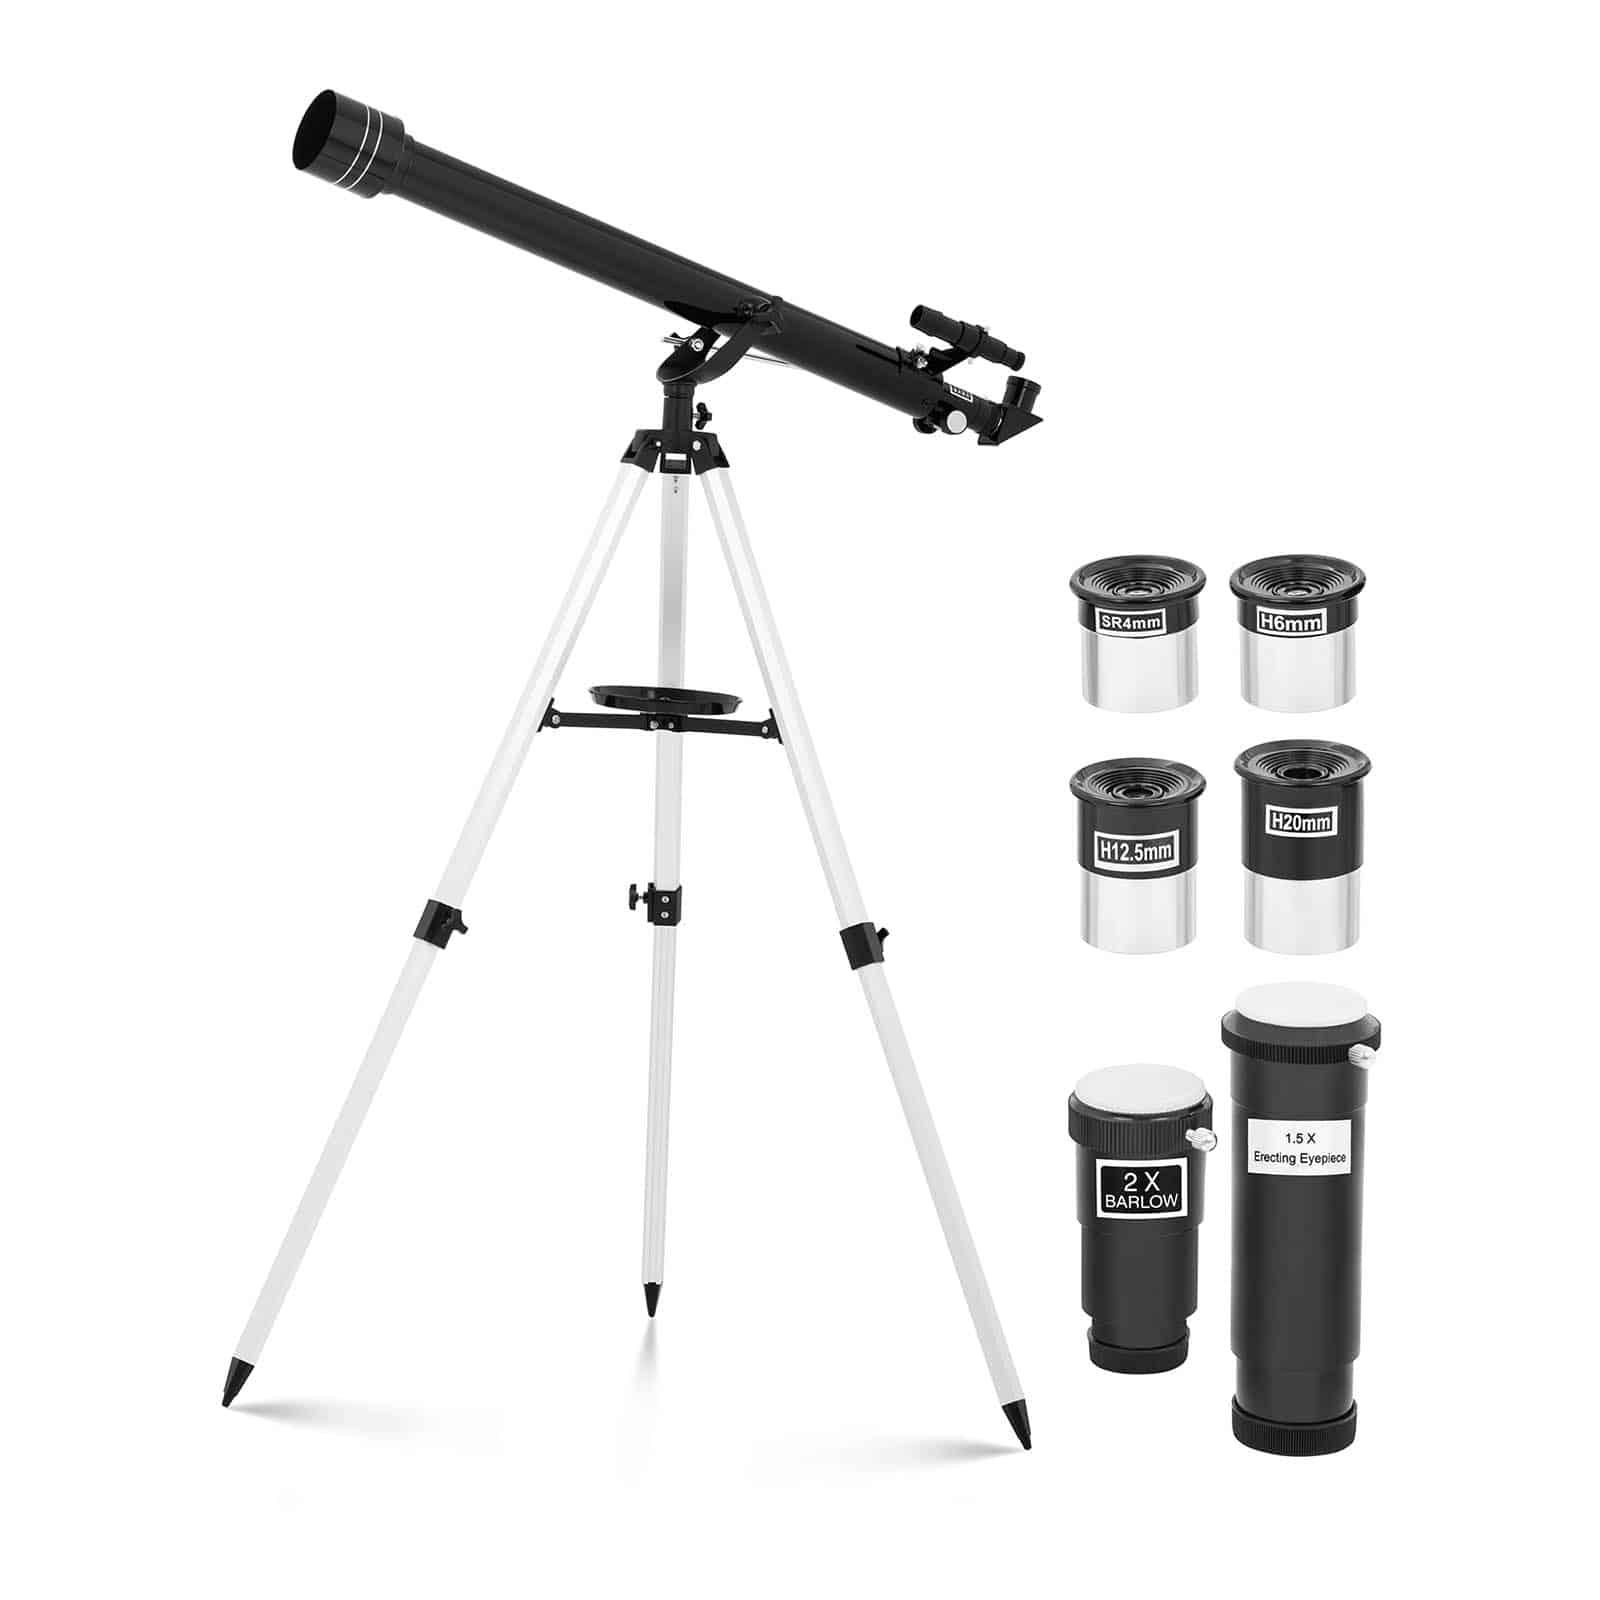 Télescopes spatial pour débutants et professionels